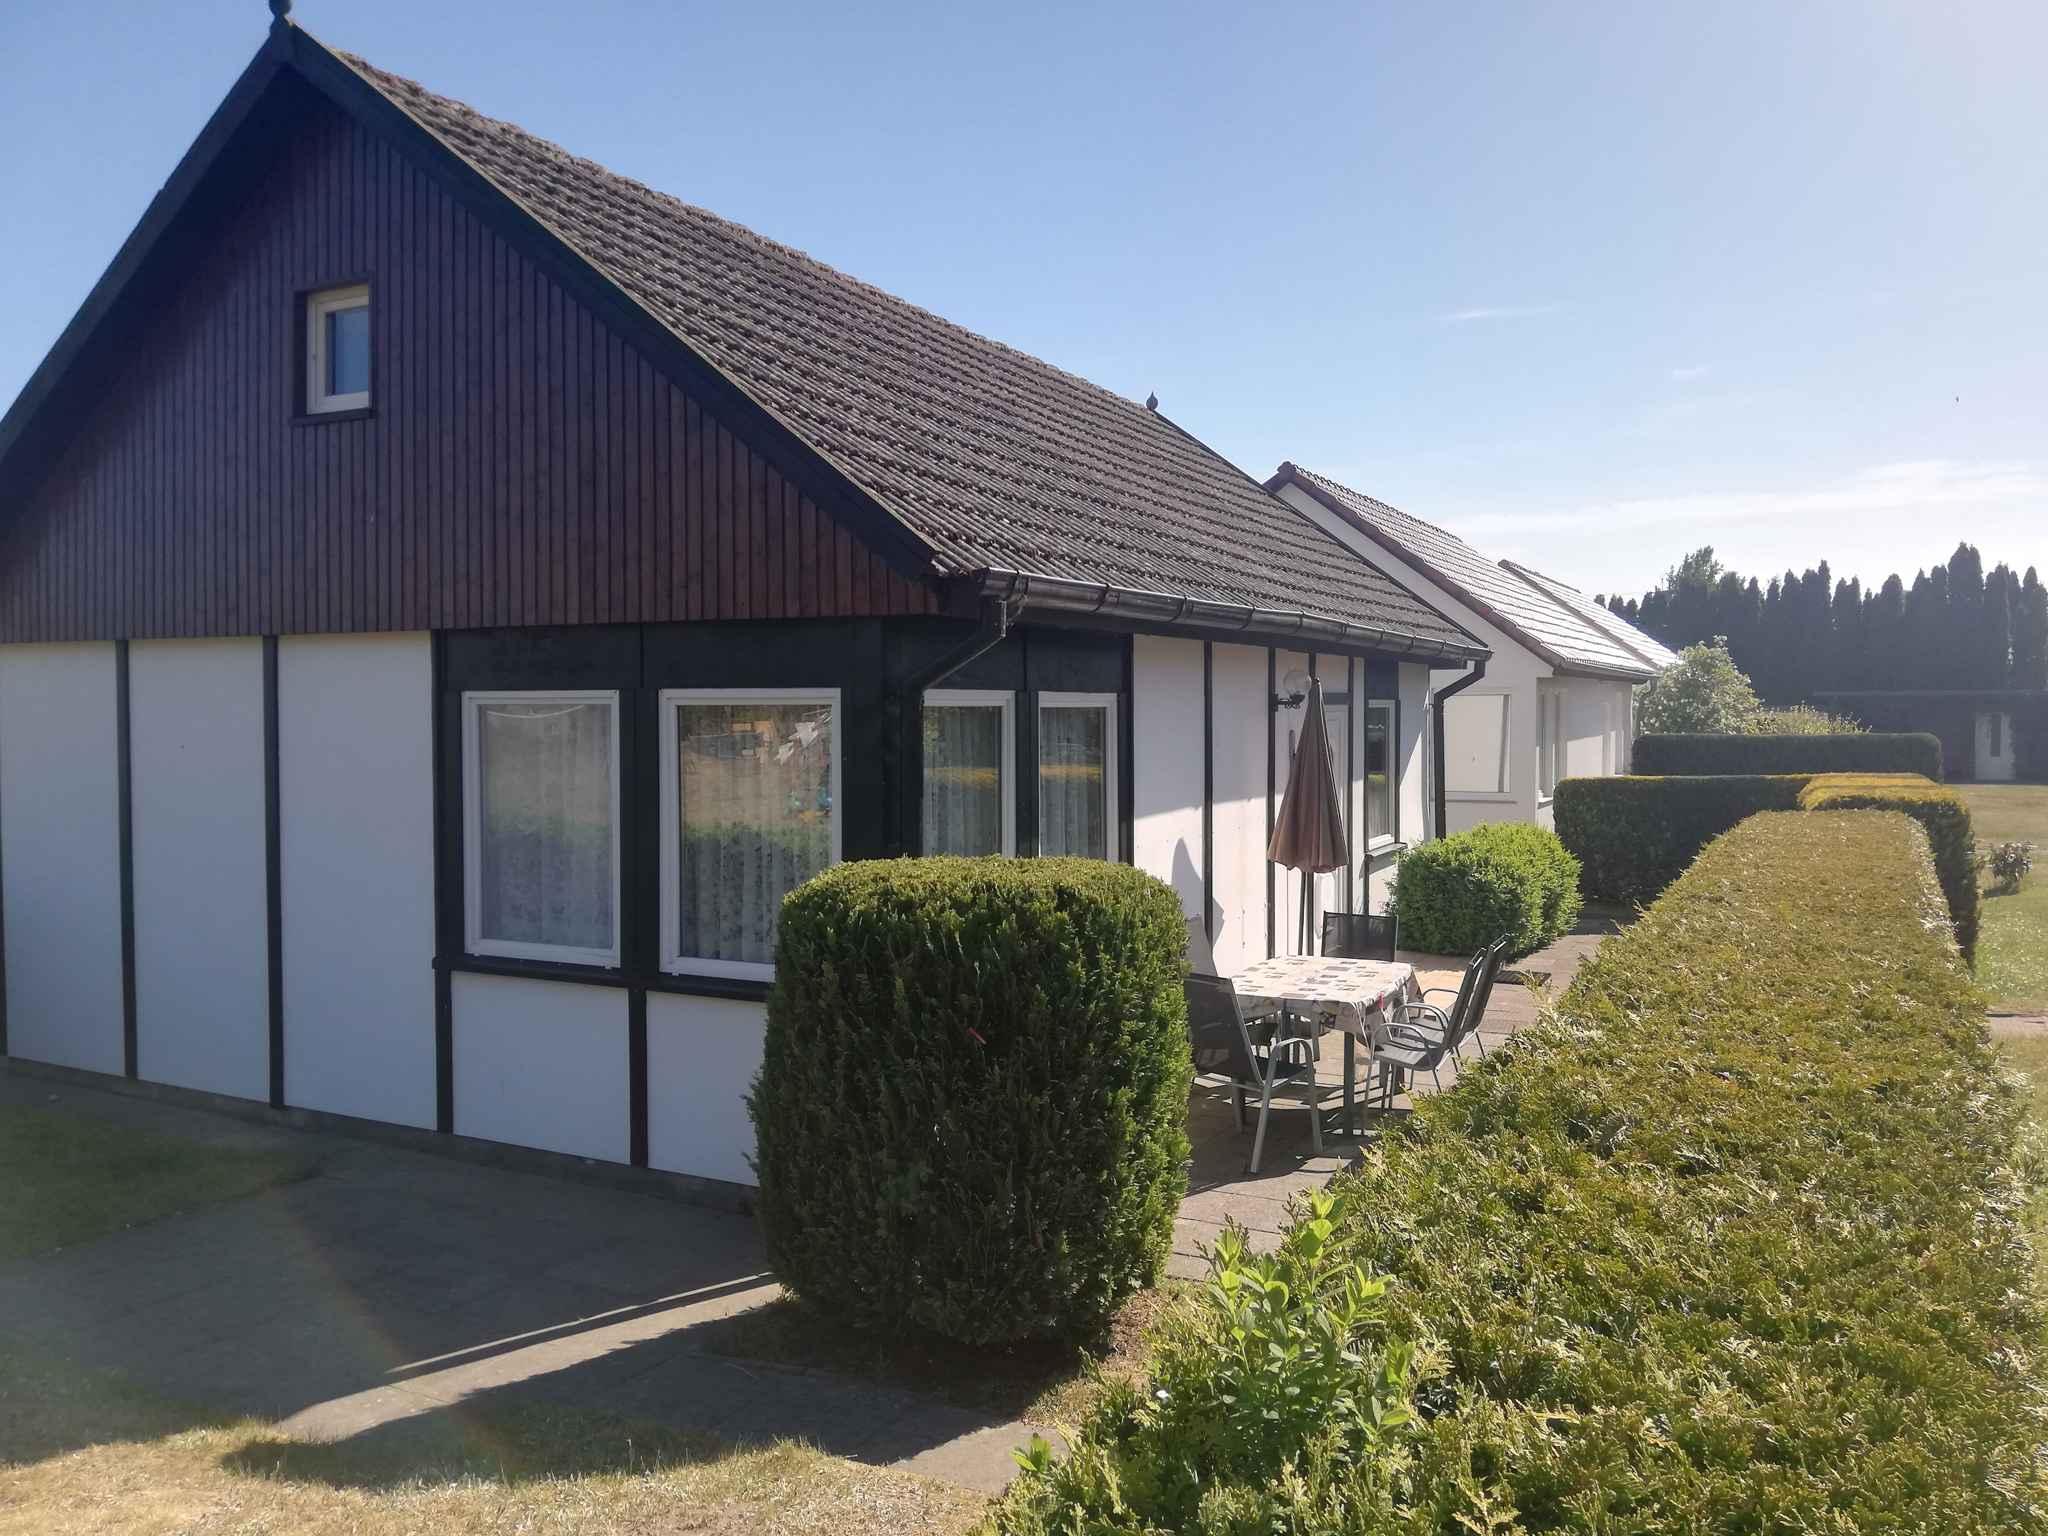 Ferienhaus Bungalow mit Terrasse und Garten (356736), Fuhlendorf, Ostseeküste Mecklenburg-Vorpommern, Mecklenburg-Vorpommern, Deutschland, Bild 2